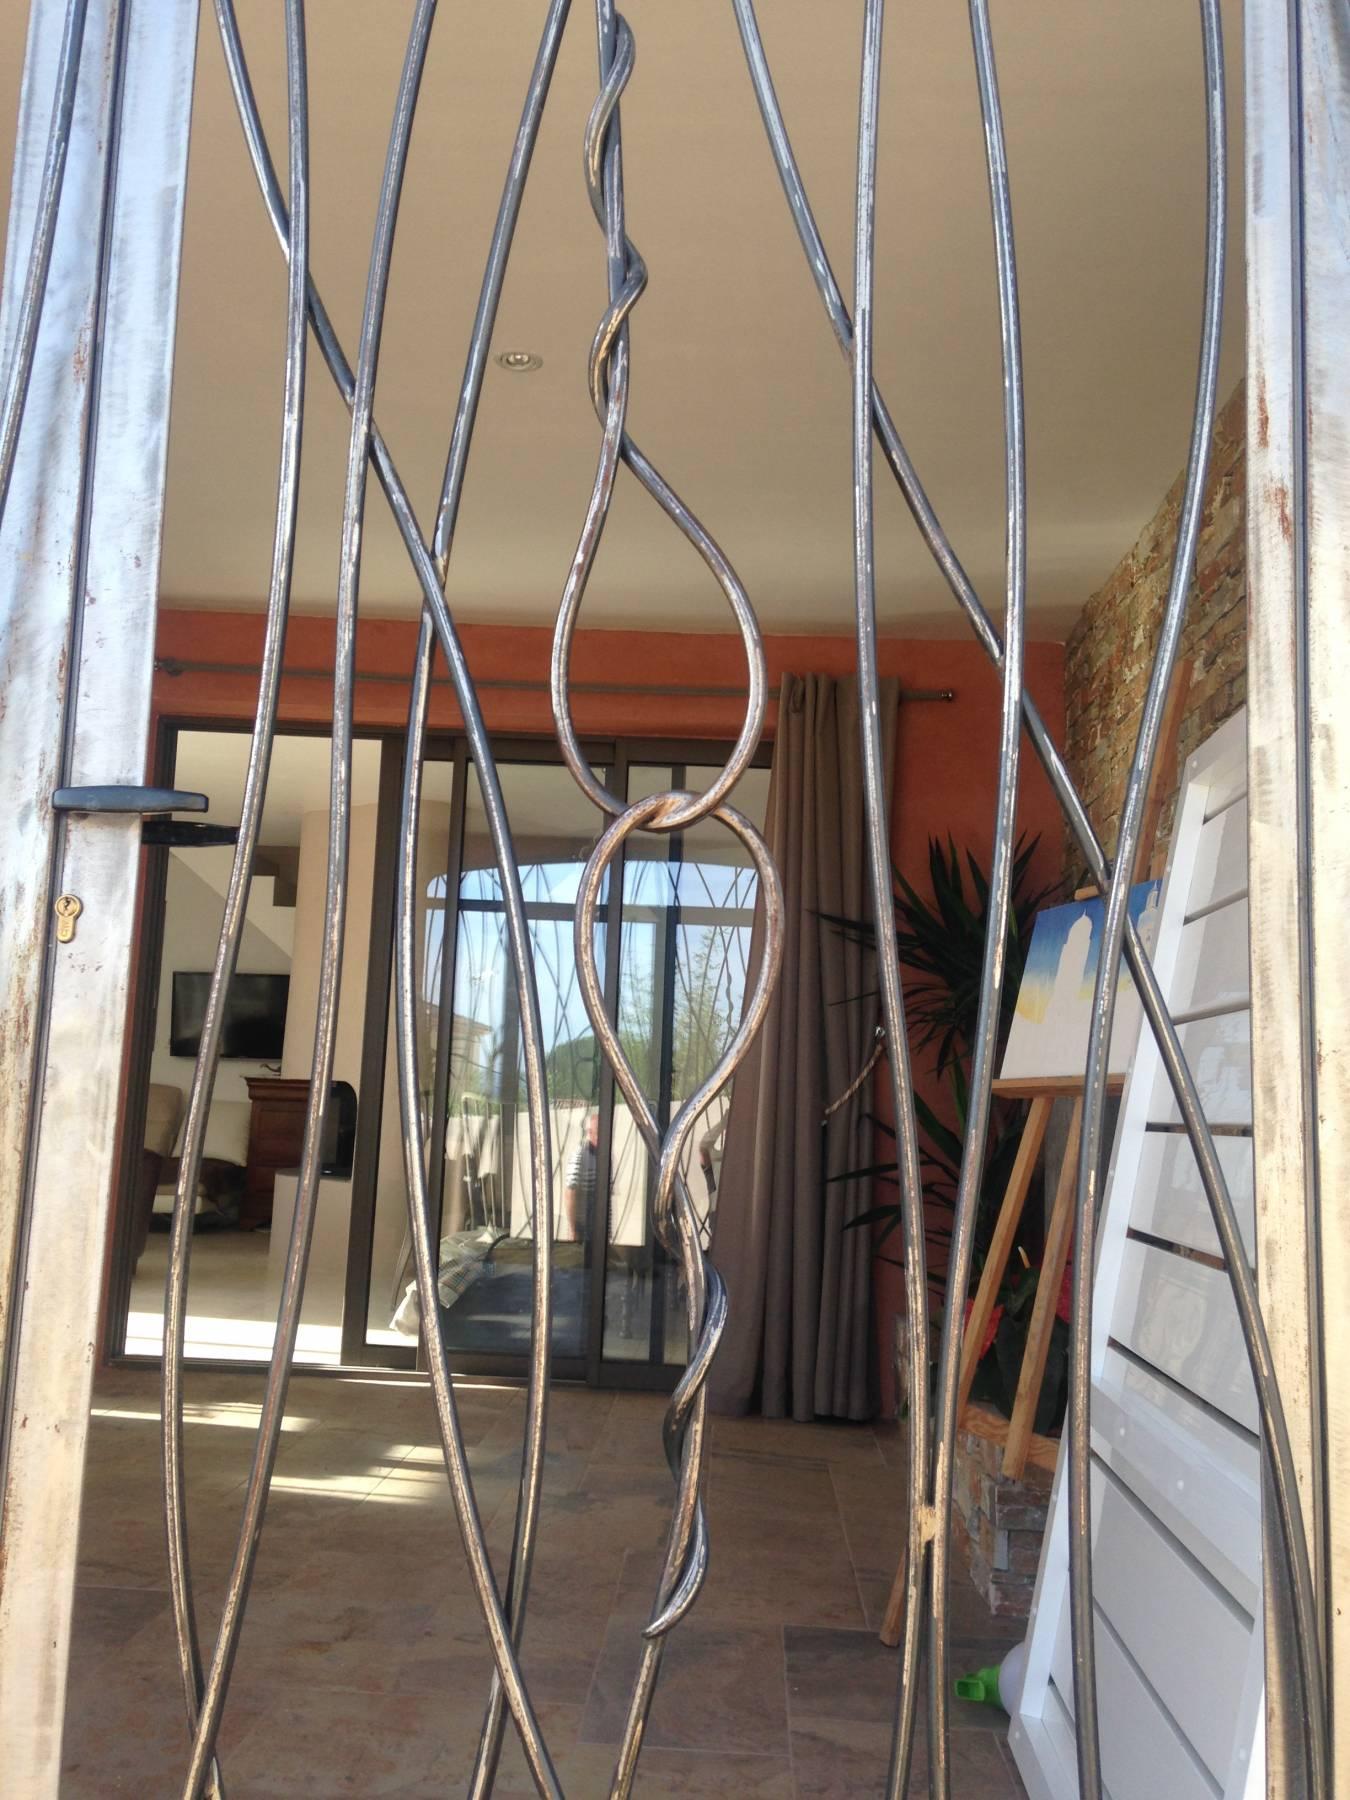 Fabrication Sur Mesure Porte Grille Vitrée Modèle Carla - Grille porte